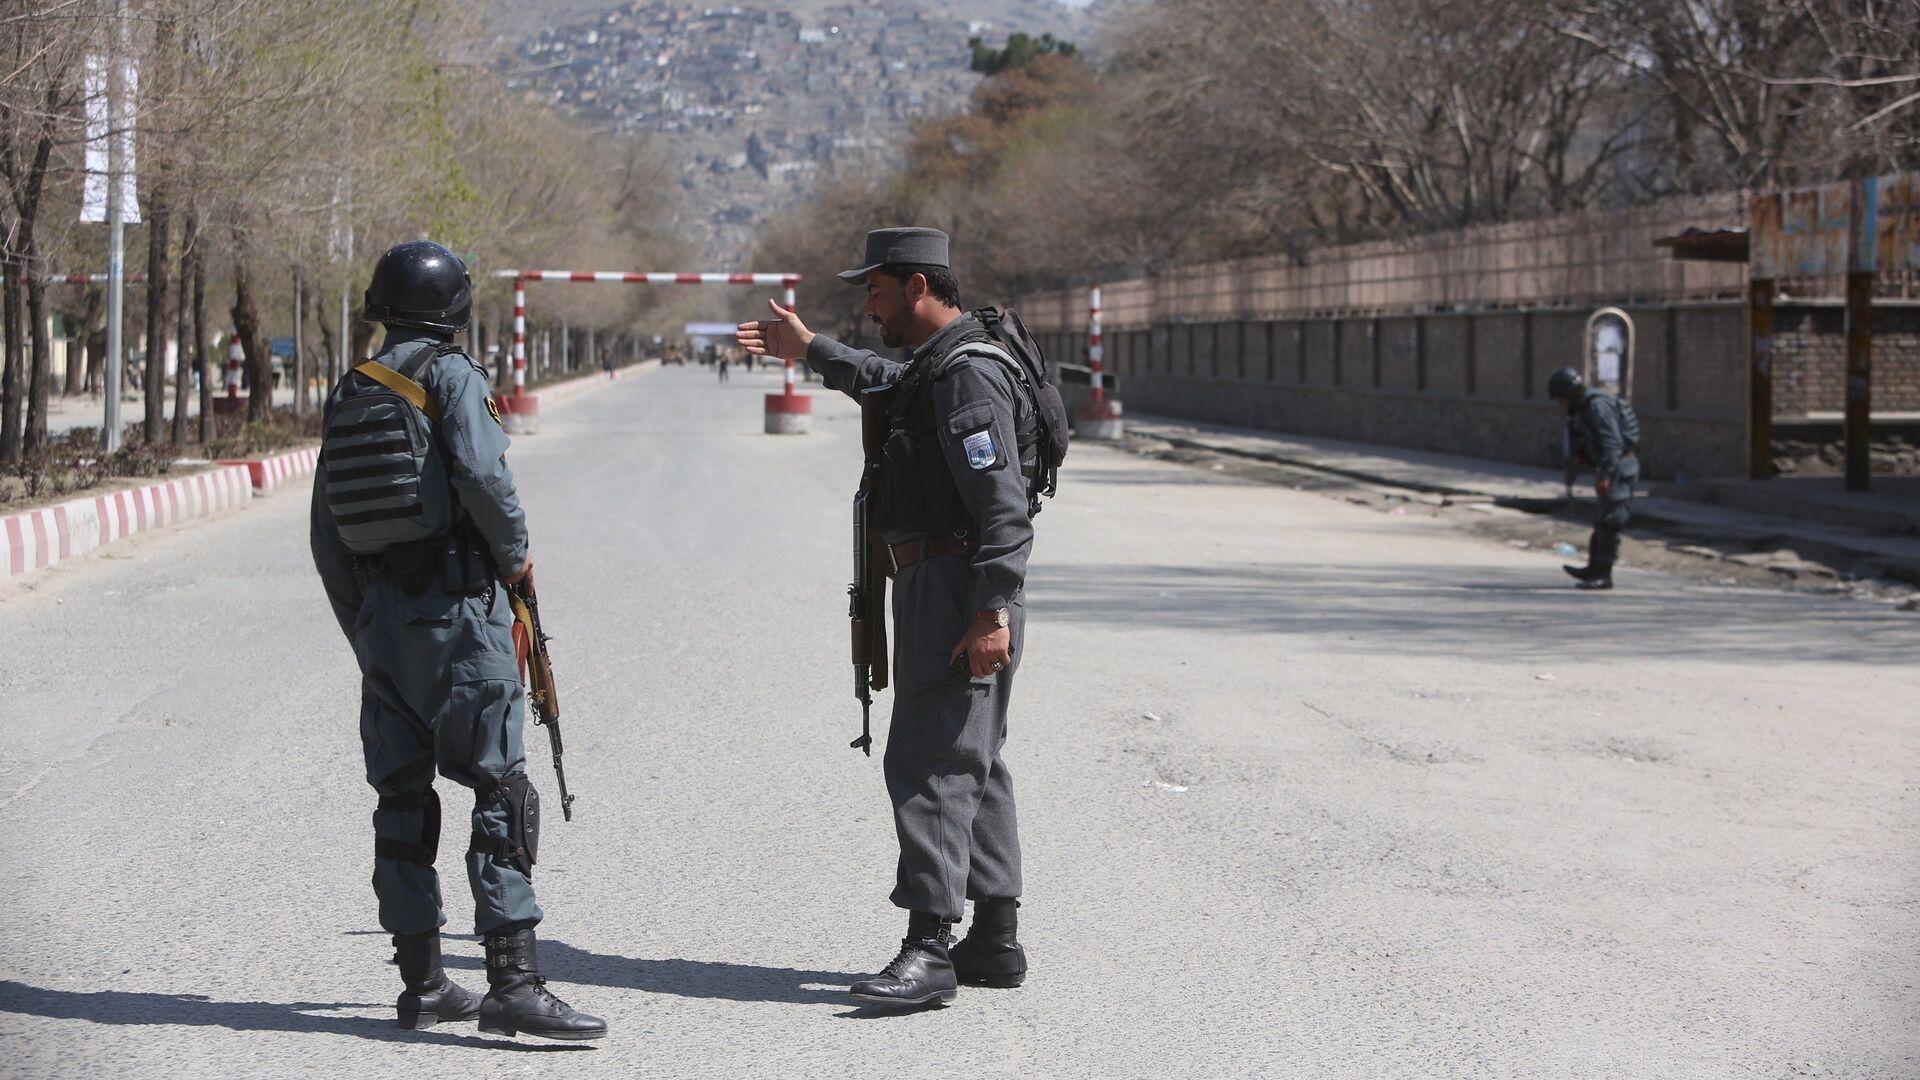 Полиция патрулирует улицы после теракта перед университетом в Кабуле. 21 марта 2018 - РИА Новости, 1920, 10.04.2021